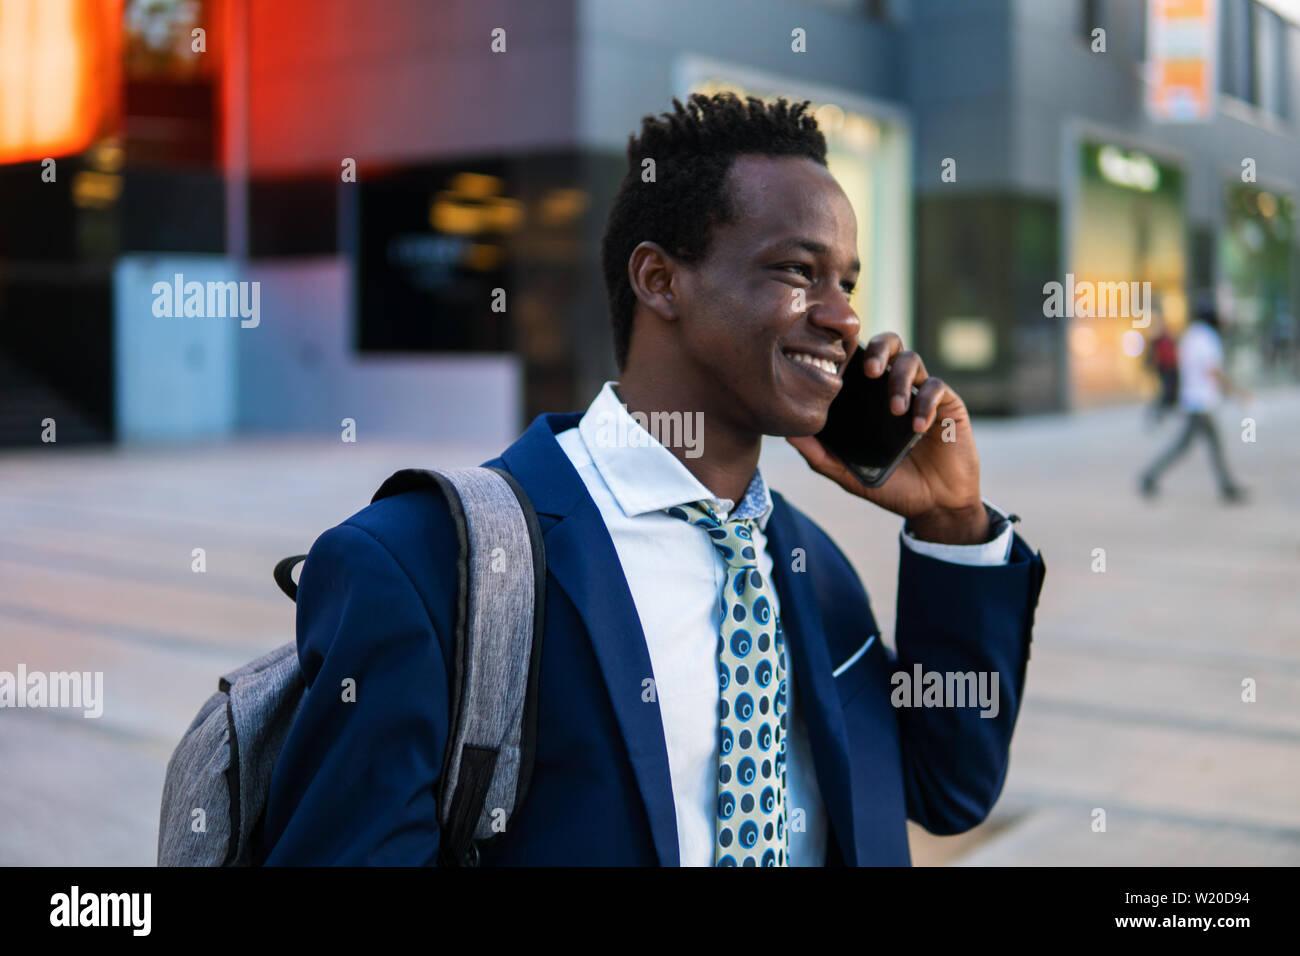 Empresario afroamericano holding móvil vistiendo traje azul Foto de stock